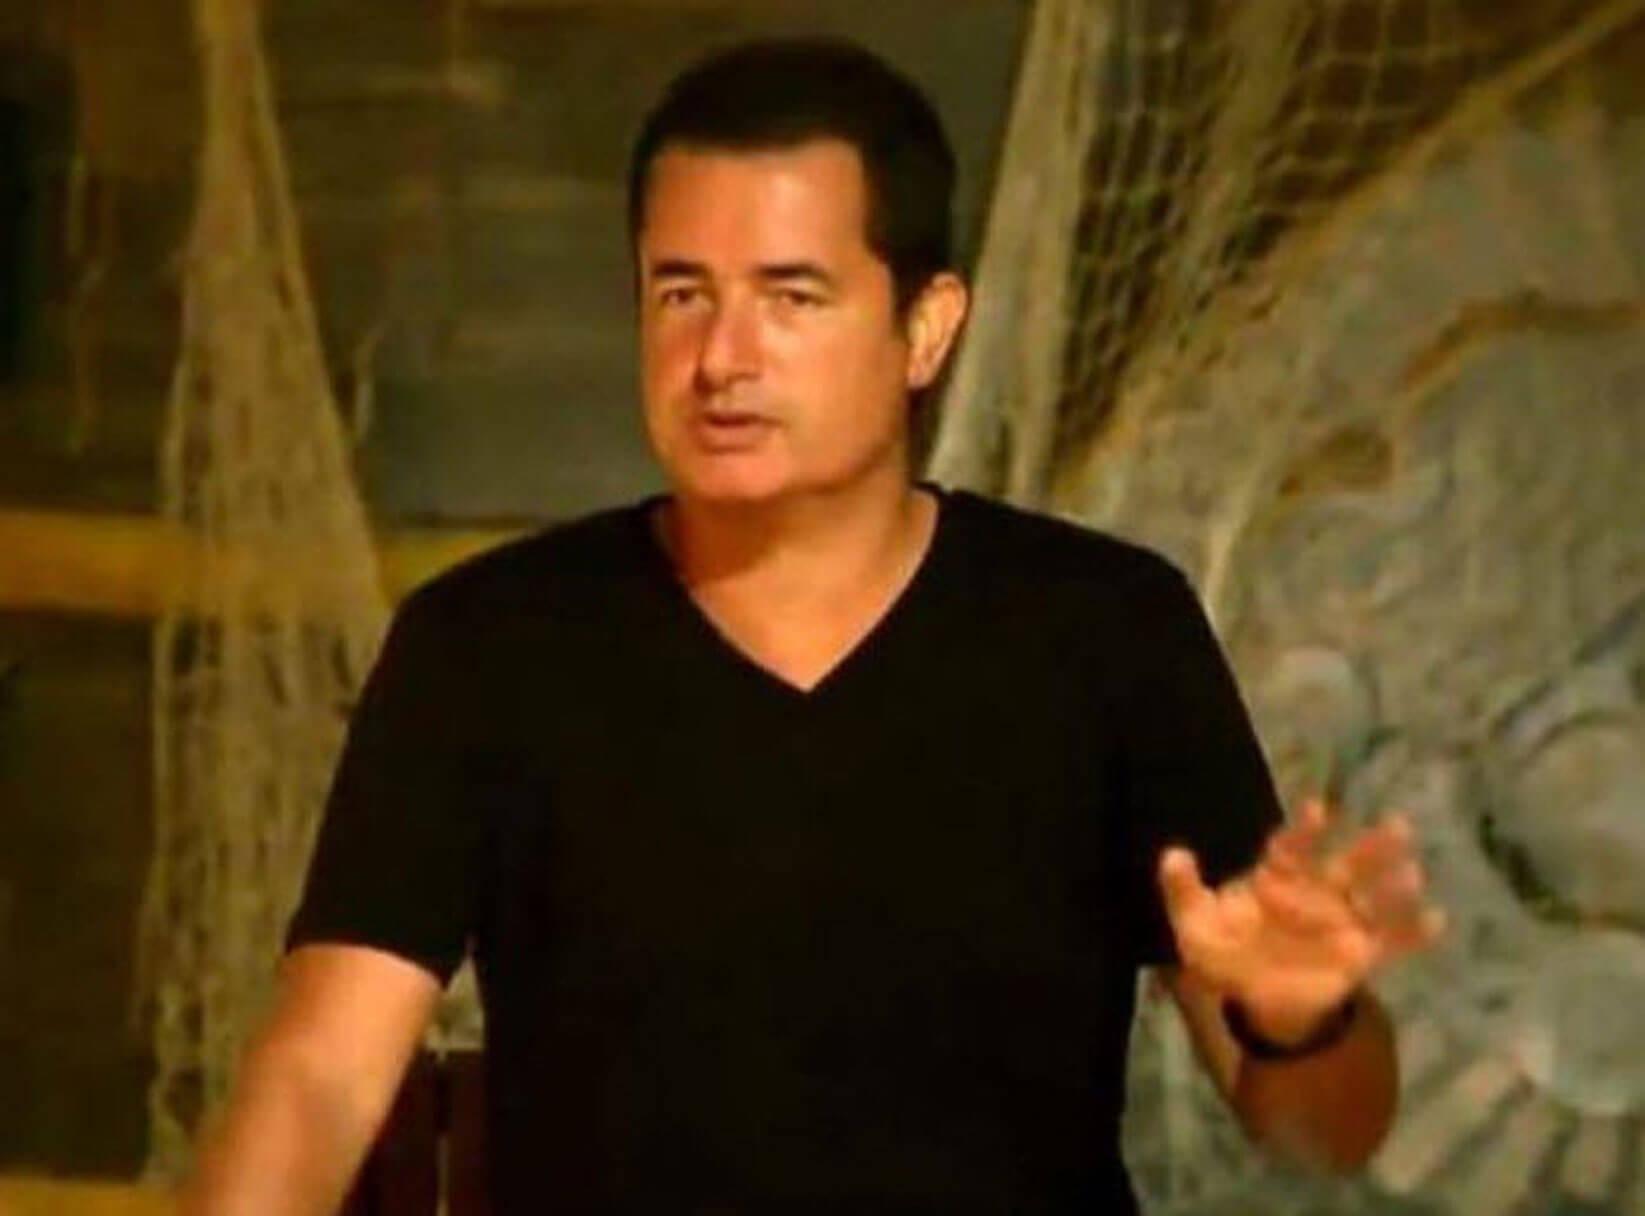 Γιάννος Παπαντωνίου: Ελεύθερος χωρίς περιοριστικούς όρους για την υπόθεση του ακινήτου στη Σύρο